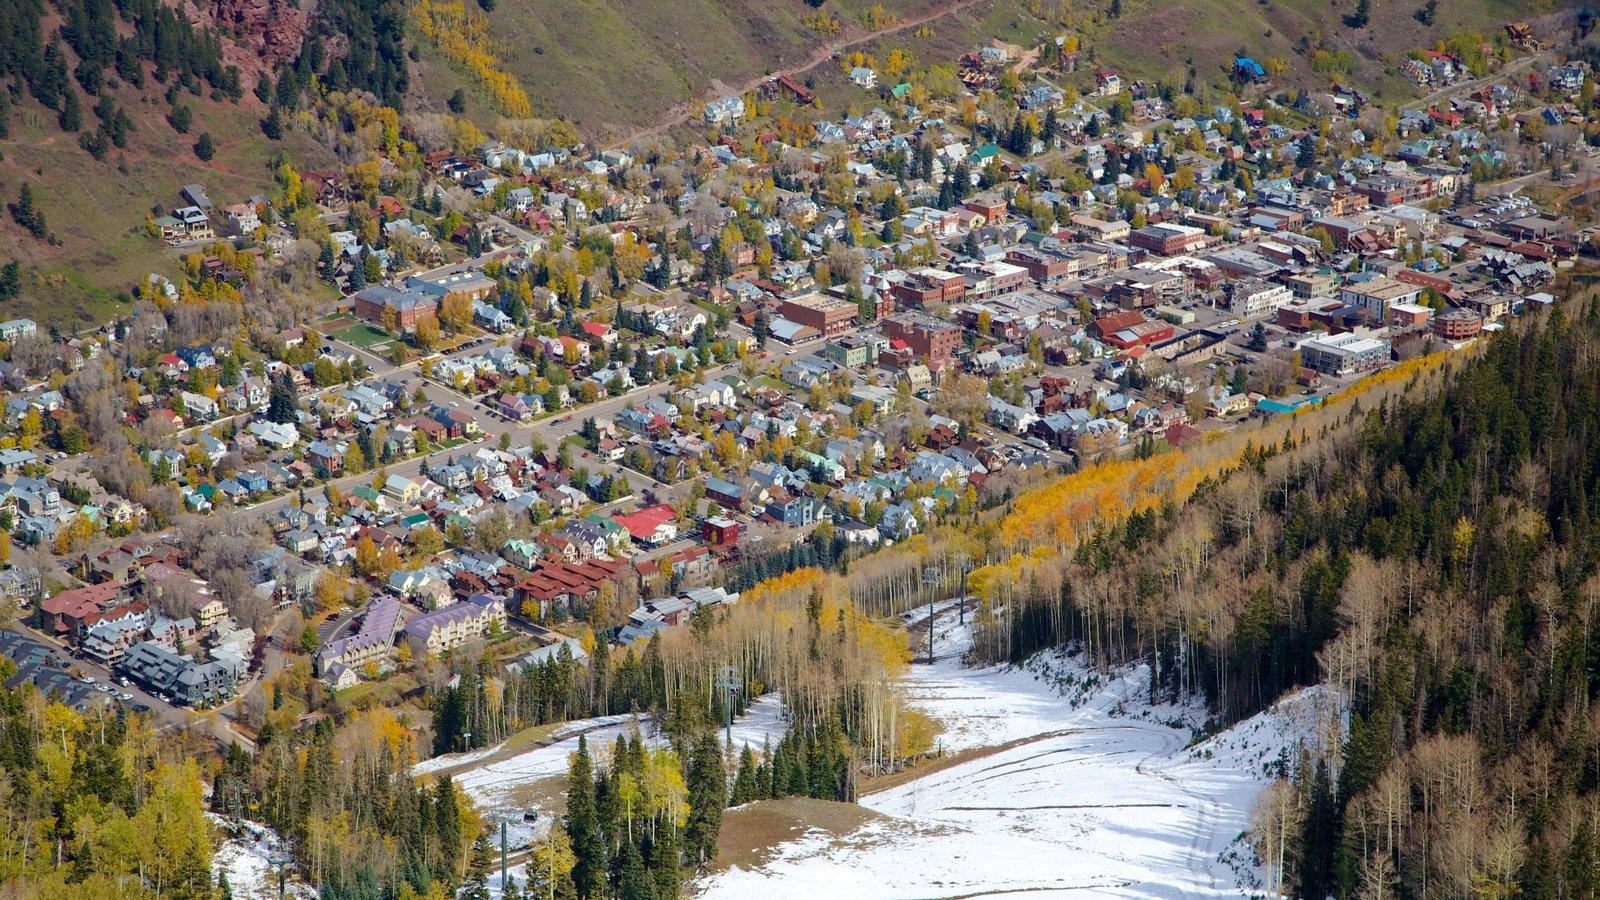 Telluride Ski Resort que inclui neve